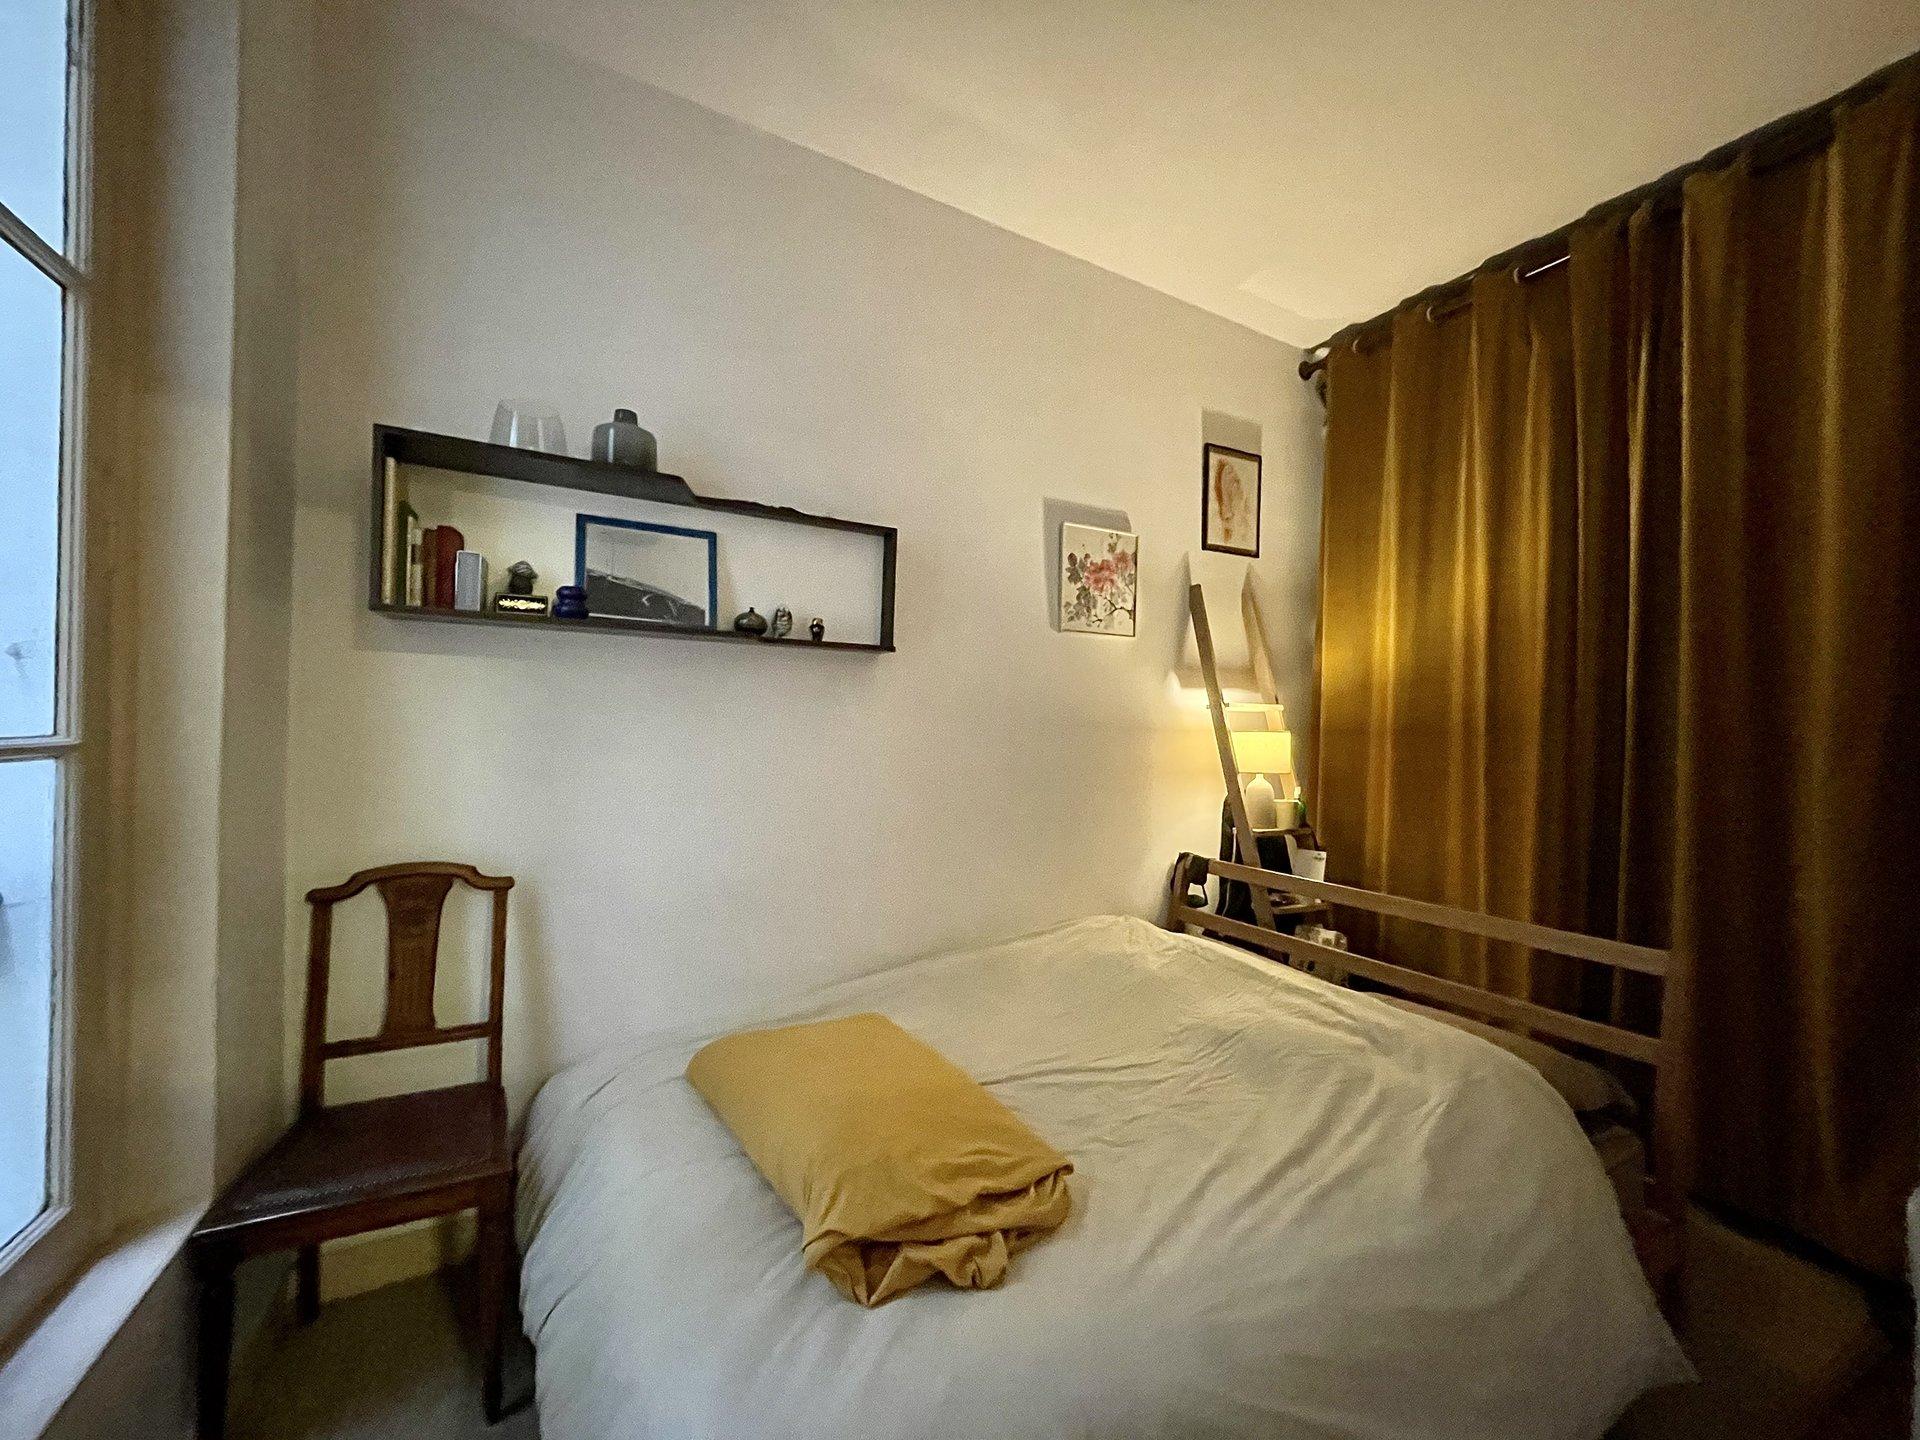 Appartement plein de charme avec belle hauteur sous plafond